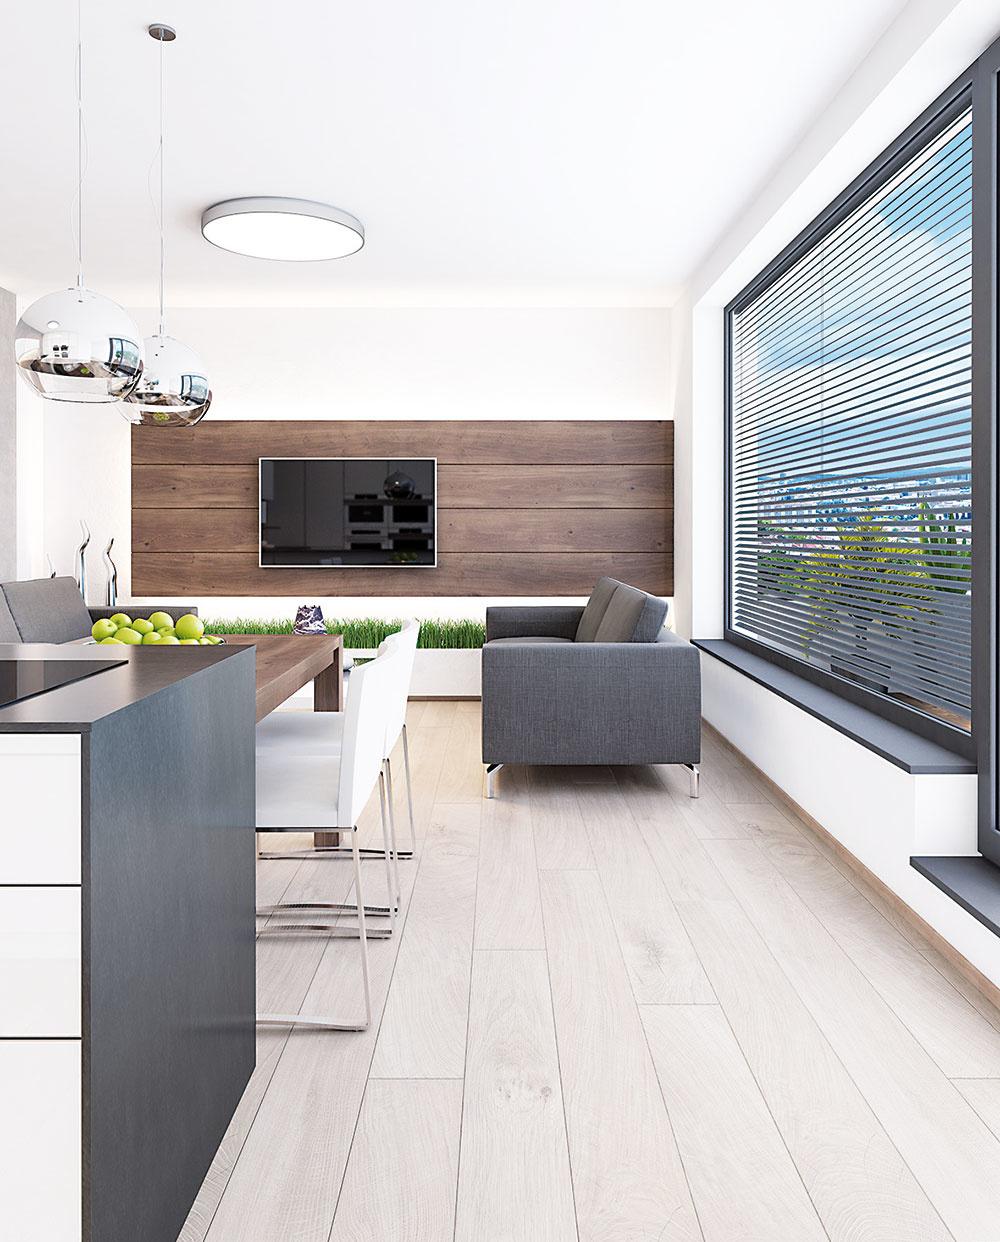 Svetlý dekor dreva na podlahe predstavuje tvárny základ interiéru.